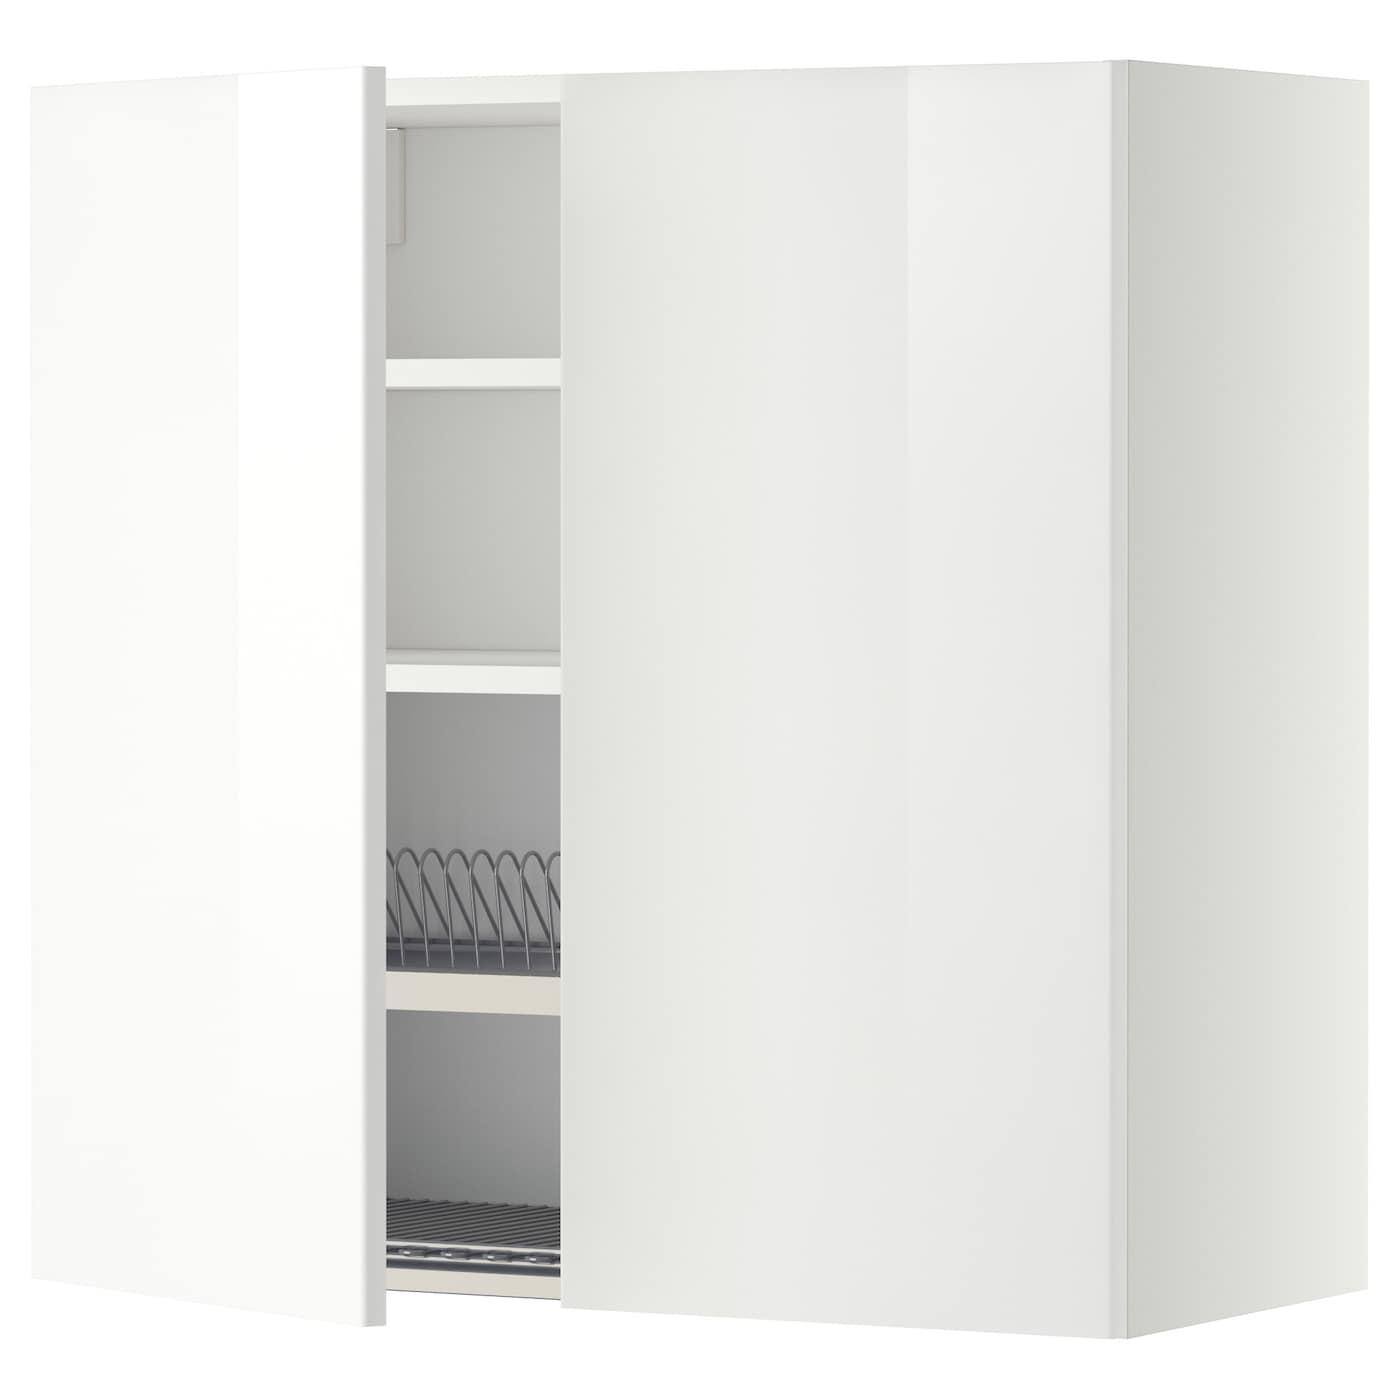 Ikea Küchen-Hängeschränke online kaufen   Möbel-Suchmaschine ...